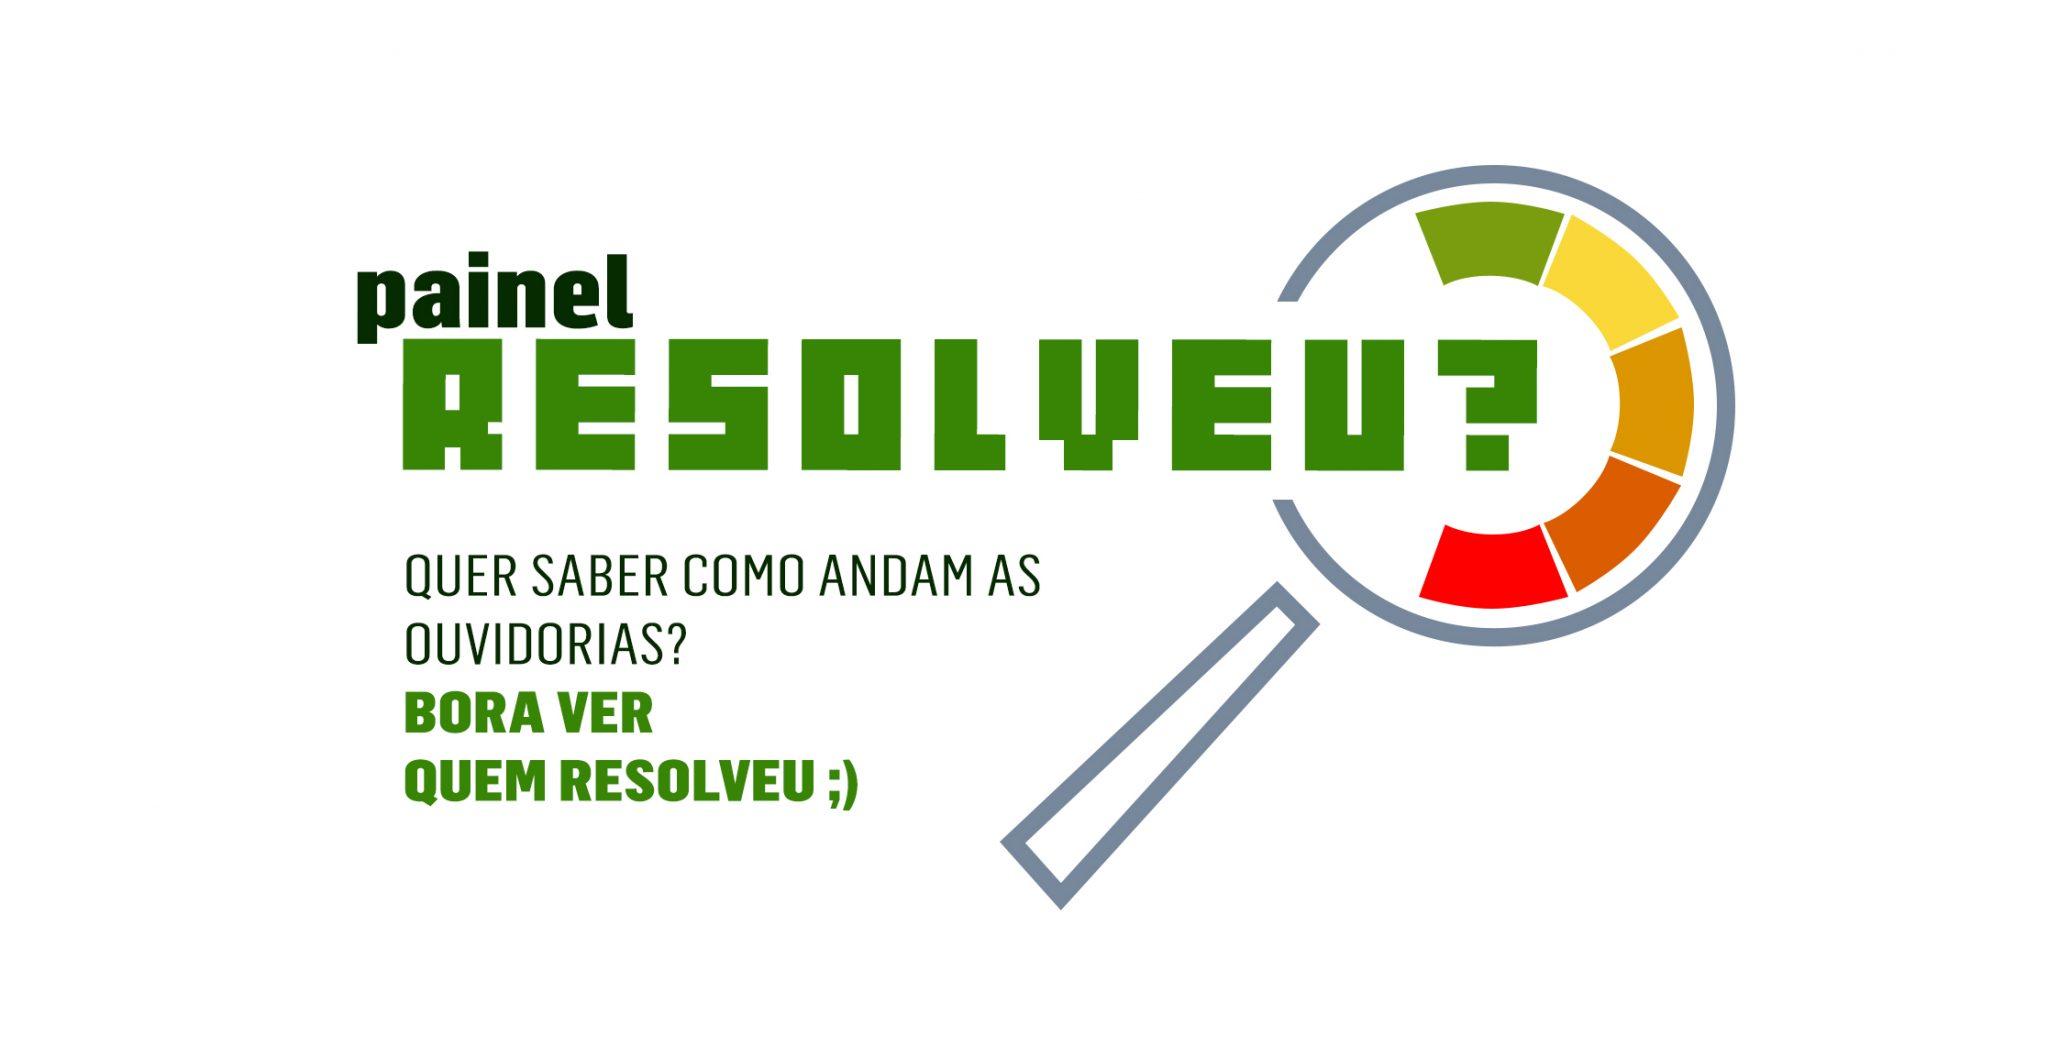 logo-painel-resolveu